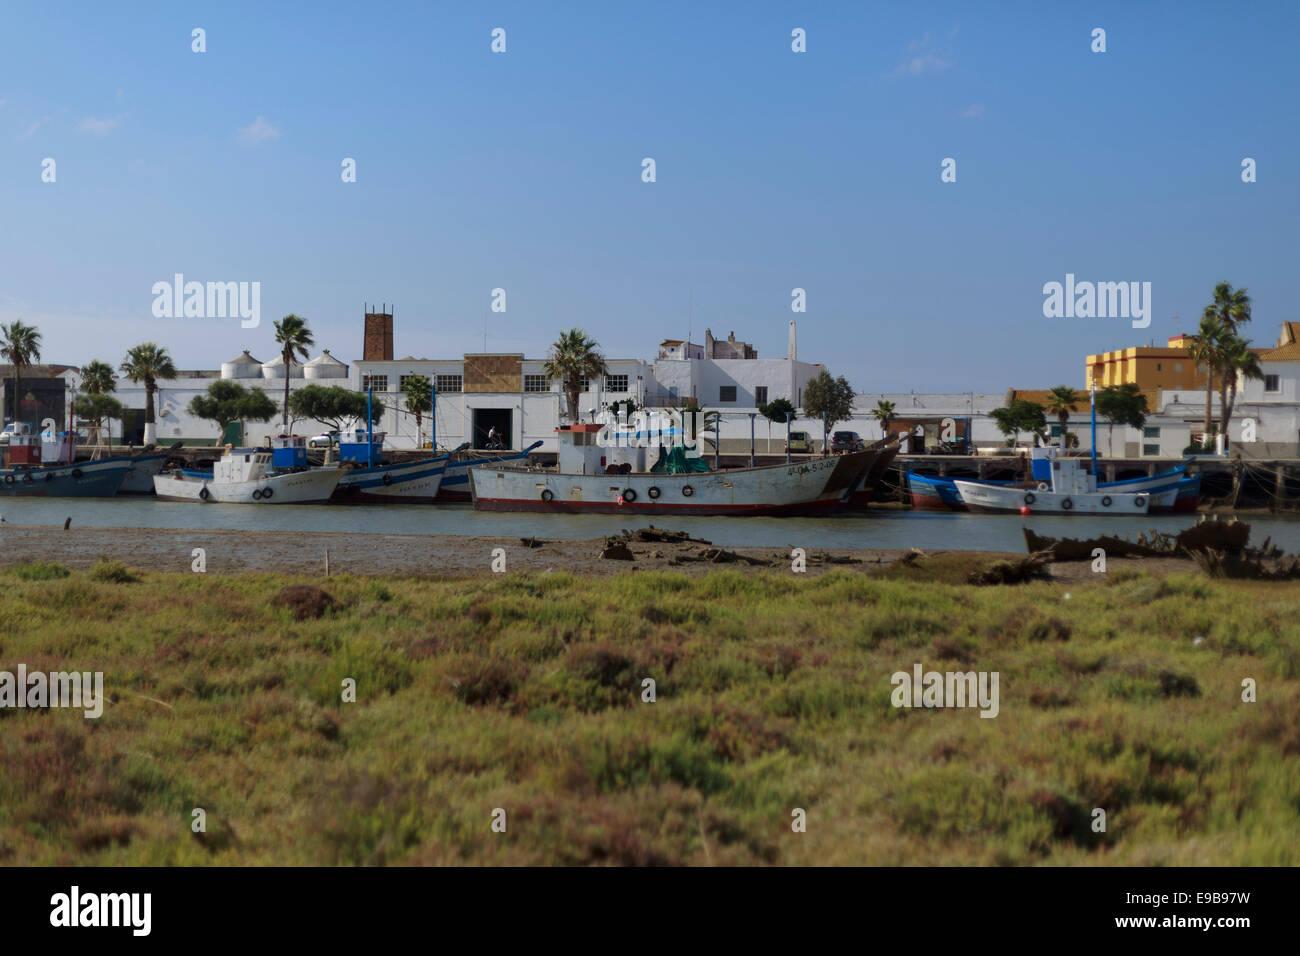 Eine allgemeine Ansicht des alten Hafens Spanien Andalusien Barbate. Dieses Foto zeigt die grünen Marschland Stockbild